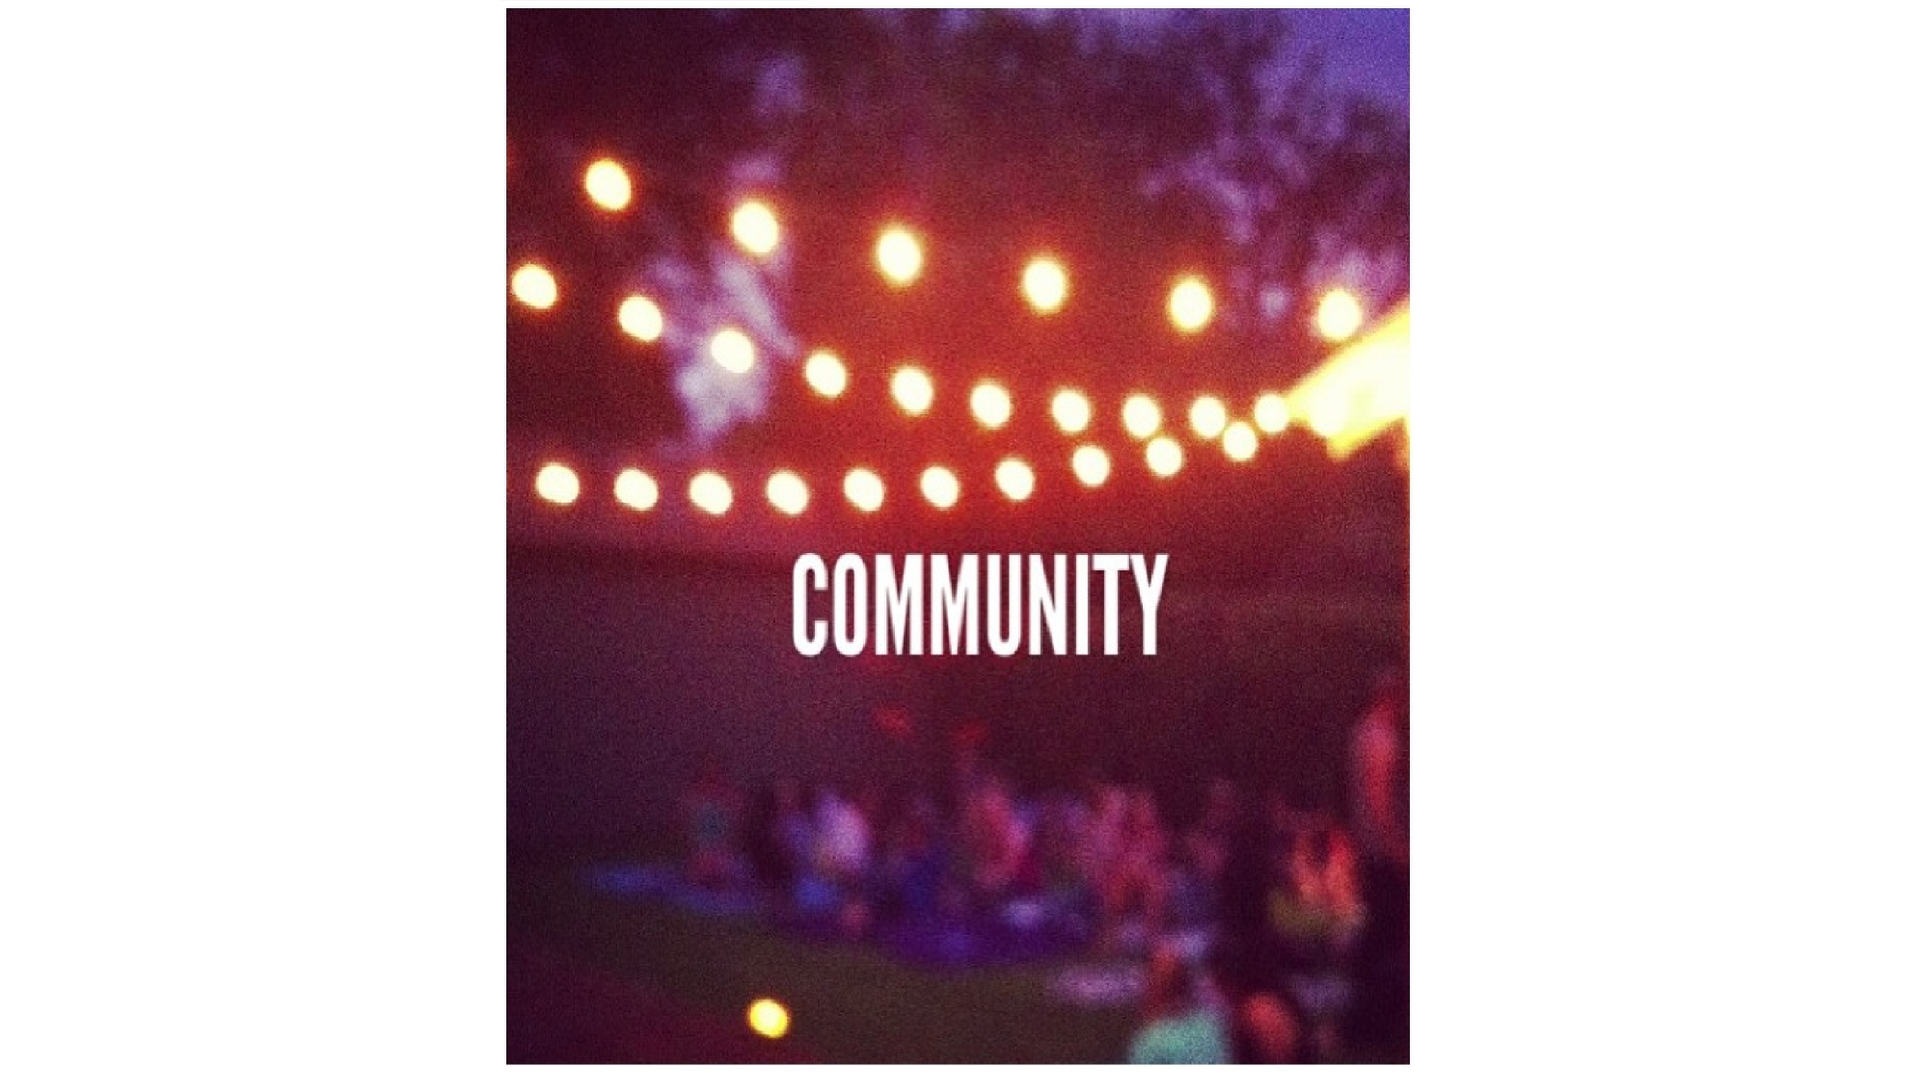 How Do I Get Into A Community Group? Hero Image